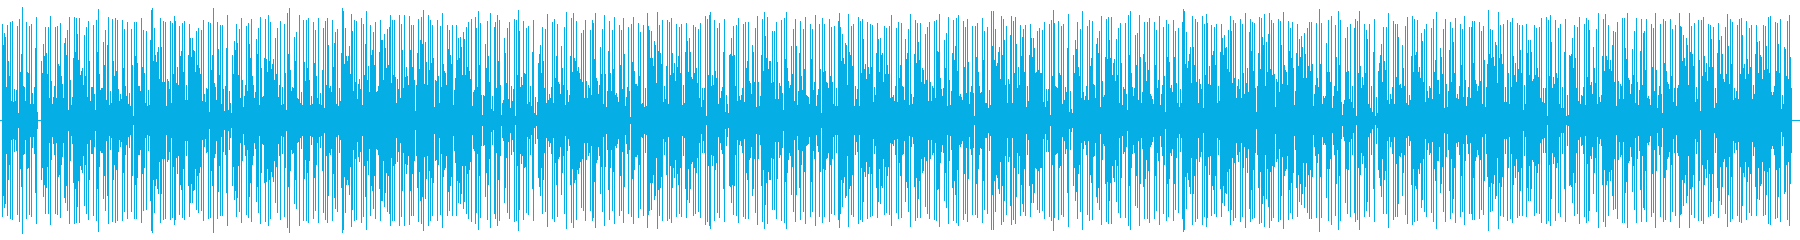 クールなメロディーとオルガンパッド...の再生済みの波形